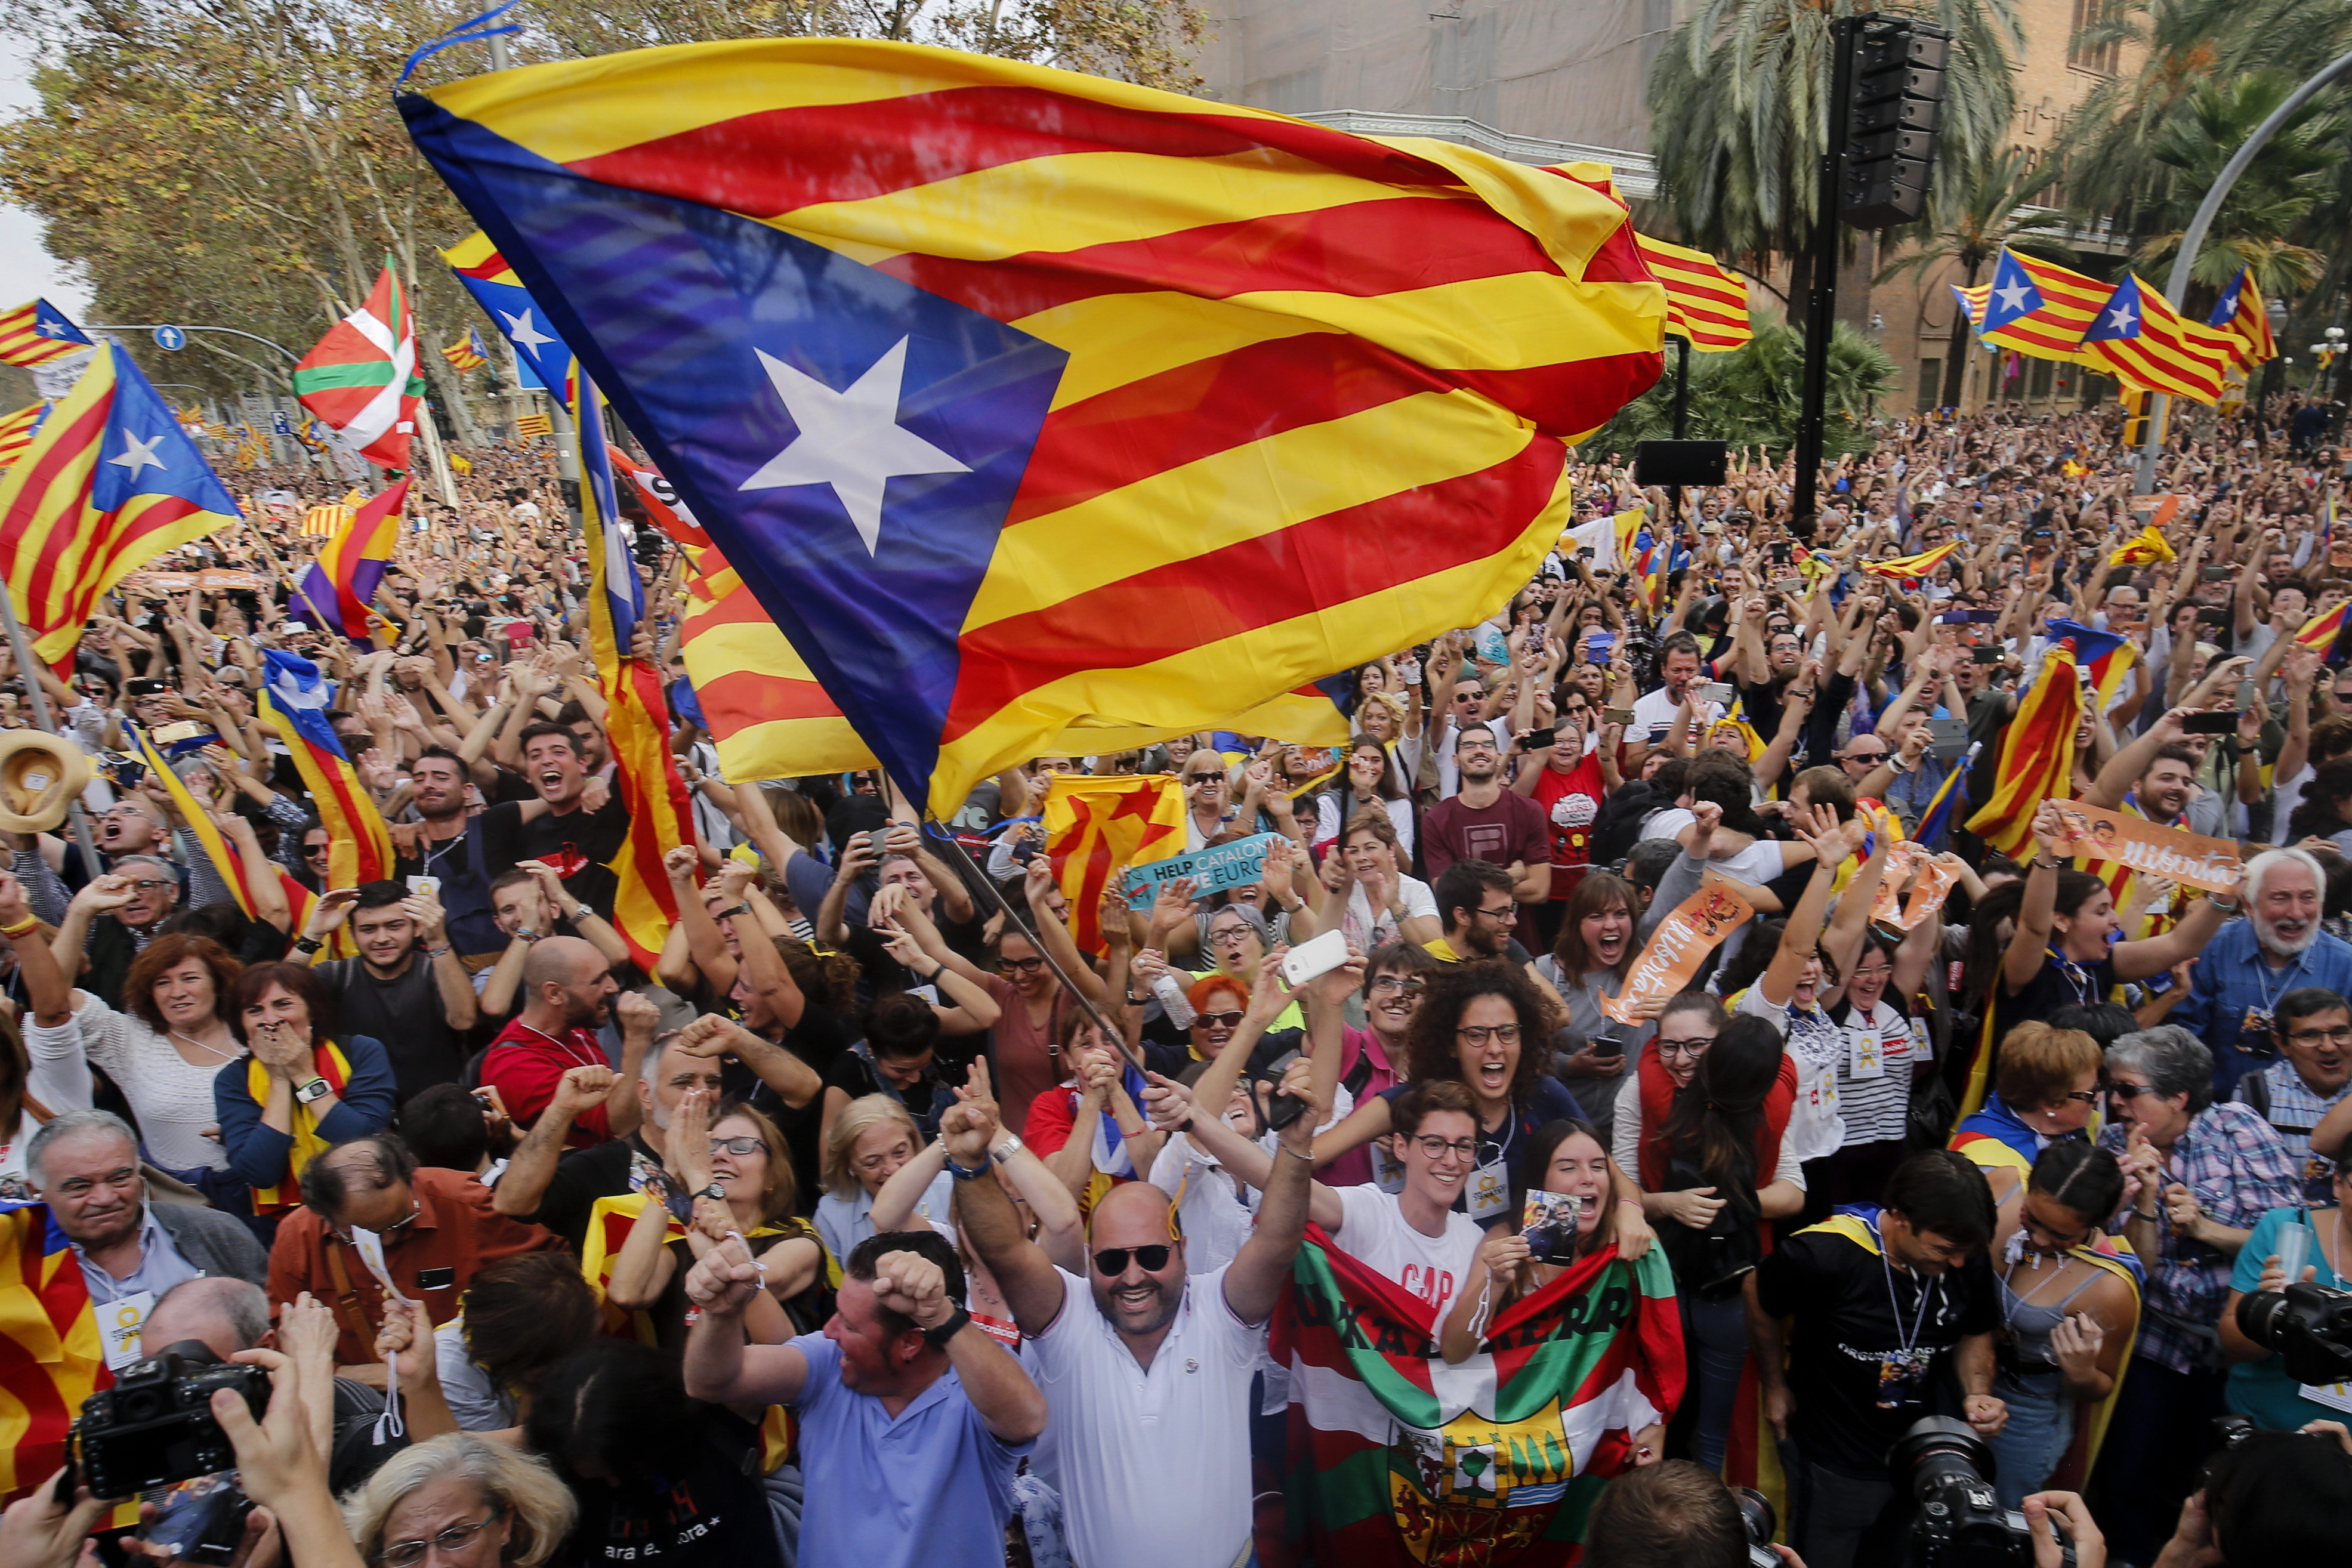 Kilenc katalán politikust ítéltek el zendülés miatt